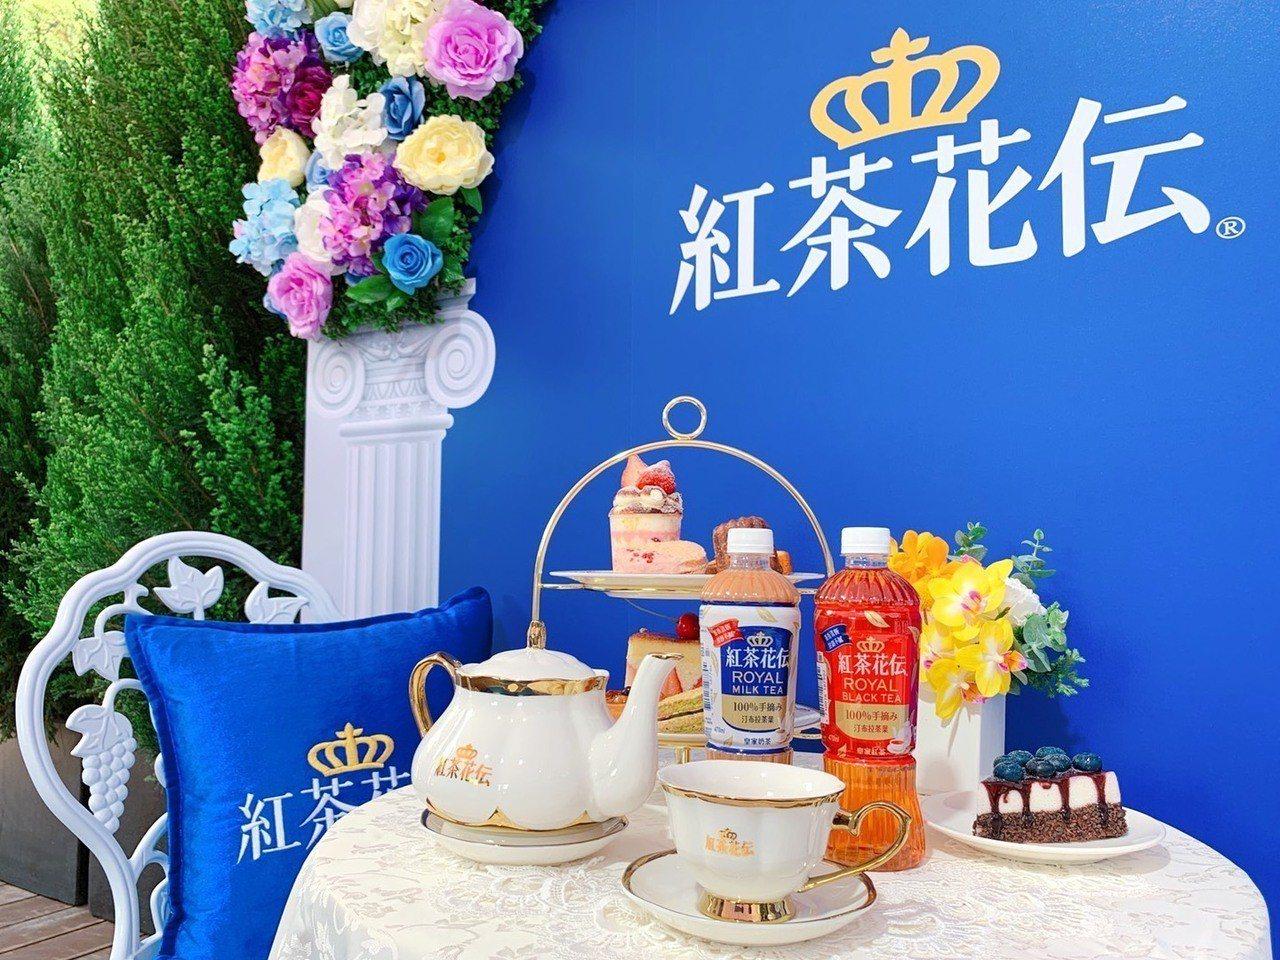 「紅茶花伝」搭配午茶享用滋味一絕。記者徐力剛/攝影